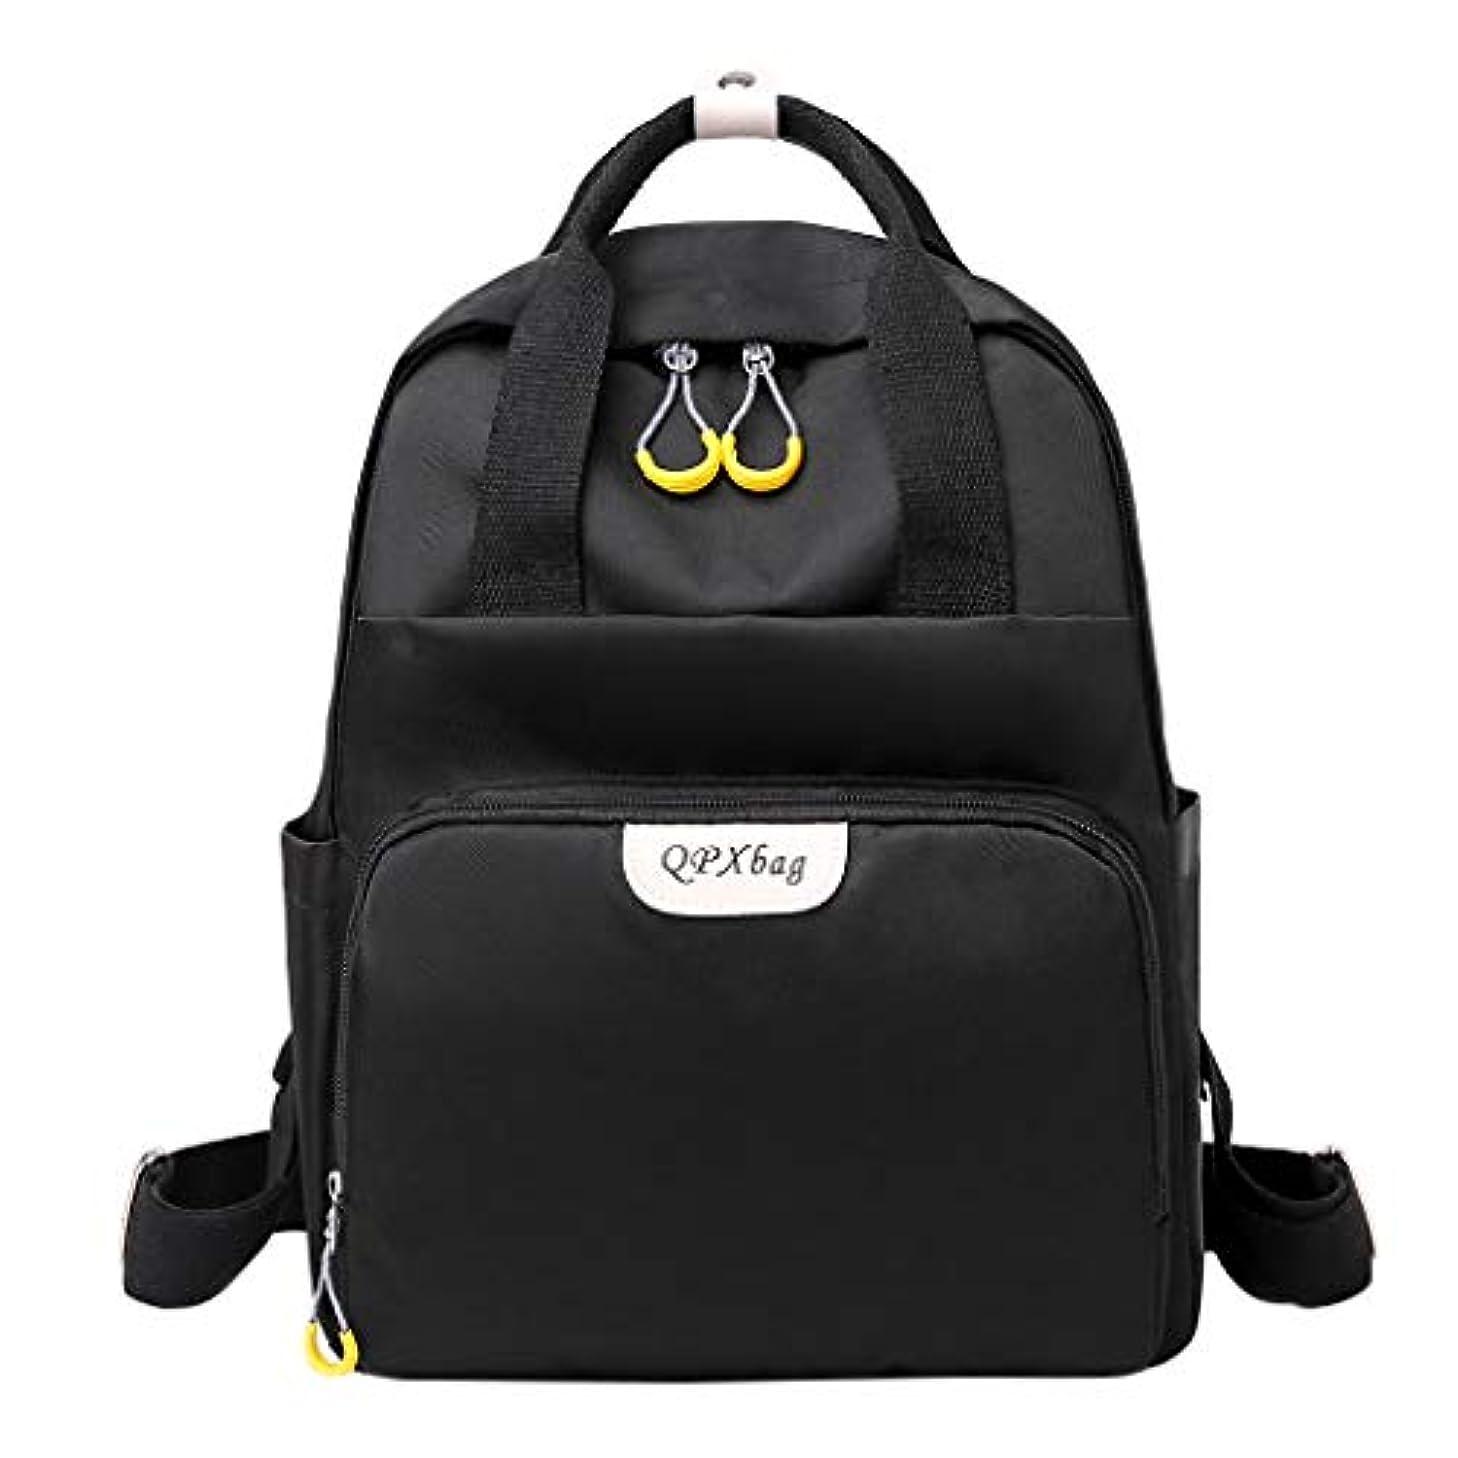 ビルマ歩行者スモッグレディースファッションシンプルなソリッドオックスフォードバックパック、屋外旅行軽量防水盗難防止バッグレジャー耐久性ショルダーバッグ